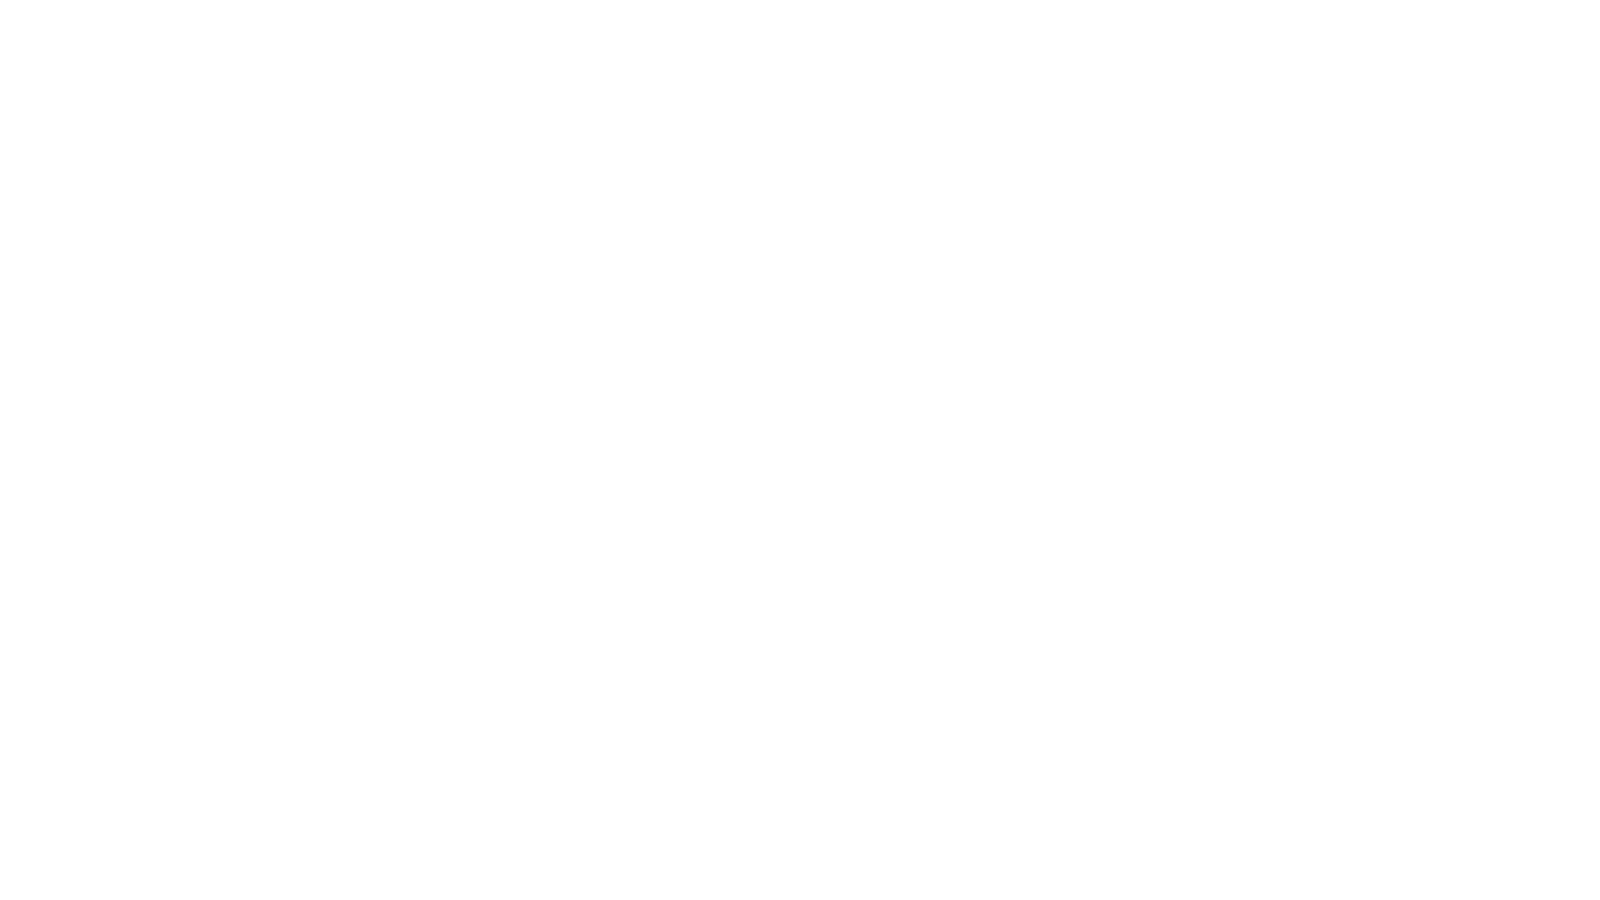 题目:在加拿大,草根如何运用现有机制维权?  Melody Pan: 在加拿大BC省生活23年,喜欢研究与观察社会及人类行为,爱好自学历史、哲学、心理学、社会学、领导力和法律等知识,家事国事天下事事事关心,最欣赏电影秋菊打官司里面的人物秋菊,坚信知识在于积累——平时积累一滴水,用时才有太平洋。  主要通过实例分析如何运用现有官方法律和途径据理力争维权。分享的目的就是抛砖引玉,把个人过去生活中观察经历过的实例与大家交流心得,鼓励激发个人维权的意愿与能力。  。非法解雇 。歧视 。有毒的办公室氛围 。被公务员例如警察暴力对待  加拿大华裔投票促进会(ccgtv.org)是为加拿大华裔选民更好地了解各政党的党纲、候选人情况的综合性平台;同时,也为各党派候选人体察加拿大华社选民所关心的一些事项搭建桥梁。 对所有搜集来的信息,加拿大华裔投票促进会不做任何评判,只是将这些信息以中文或英文向选民呈现,以增进加拿大华裔社区对政治的认识及对选举的参与度,从而提升华裔加拿大人的投票率。